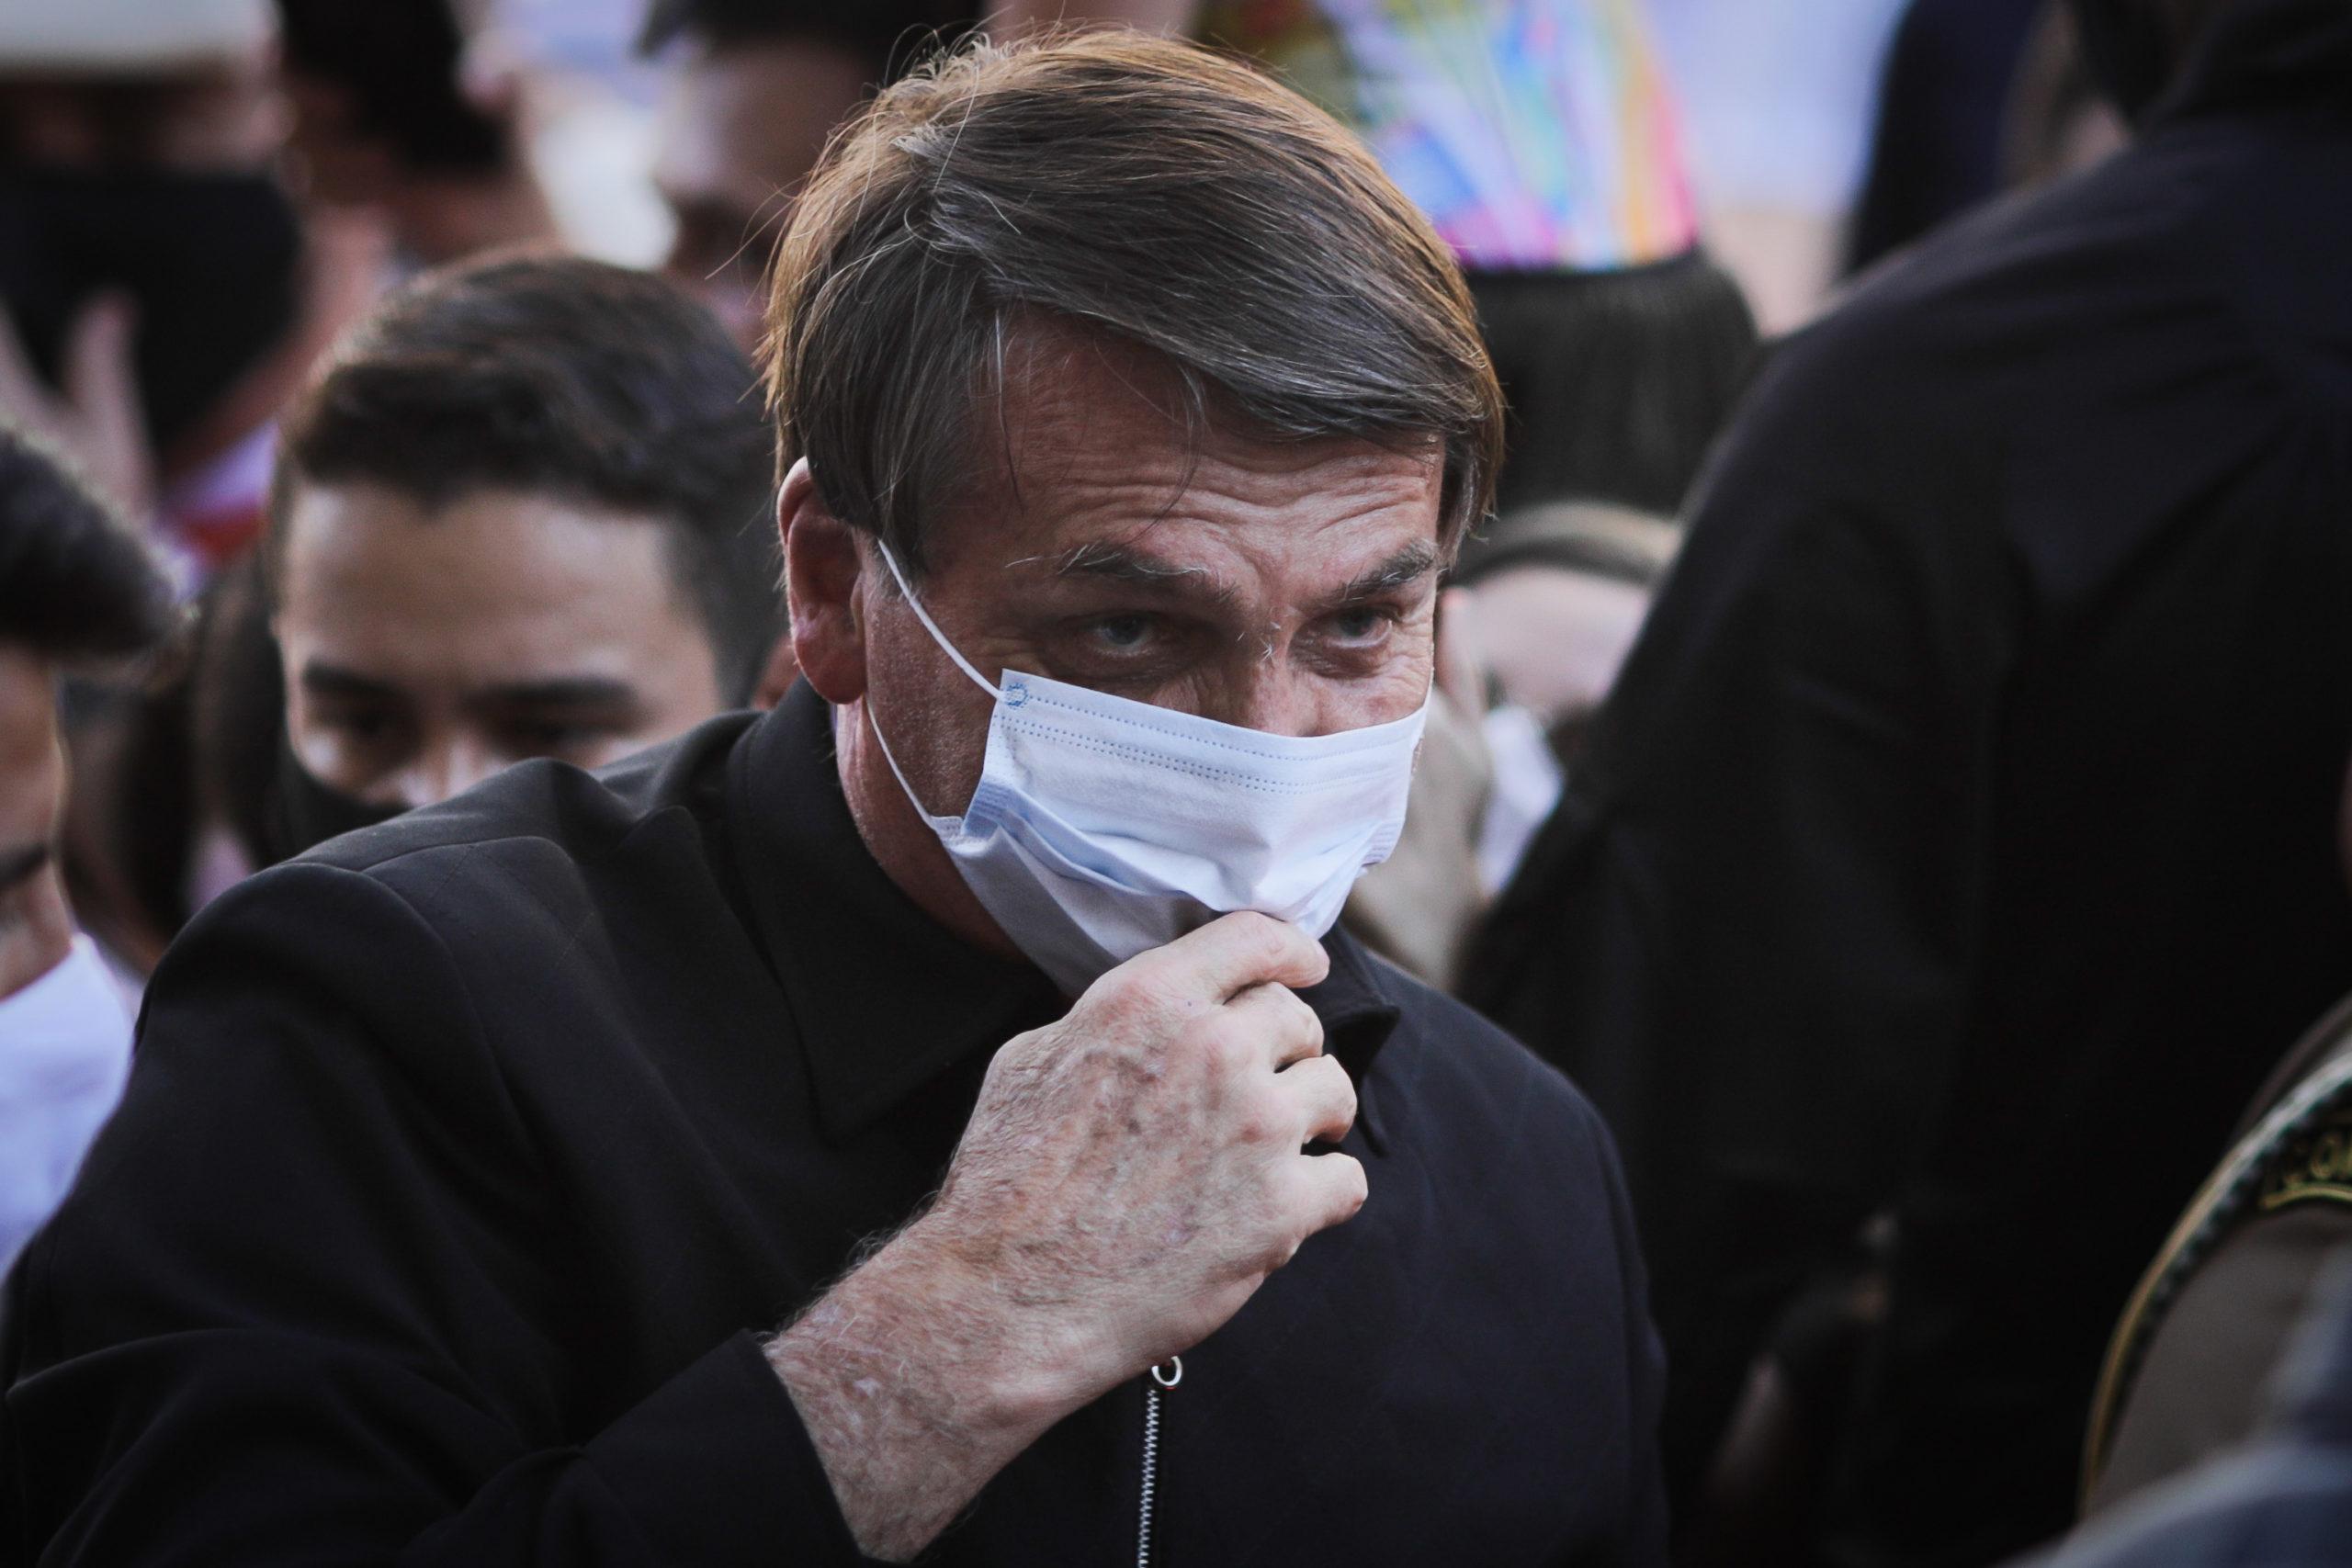 'Minha vontade é encher tua boca com uma porrada' diz Bolsonaro ao ameaçar repórter